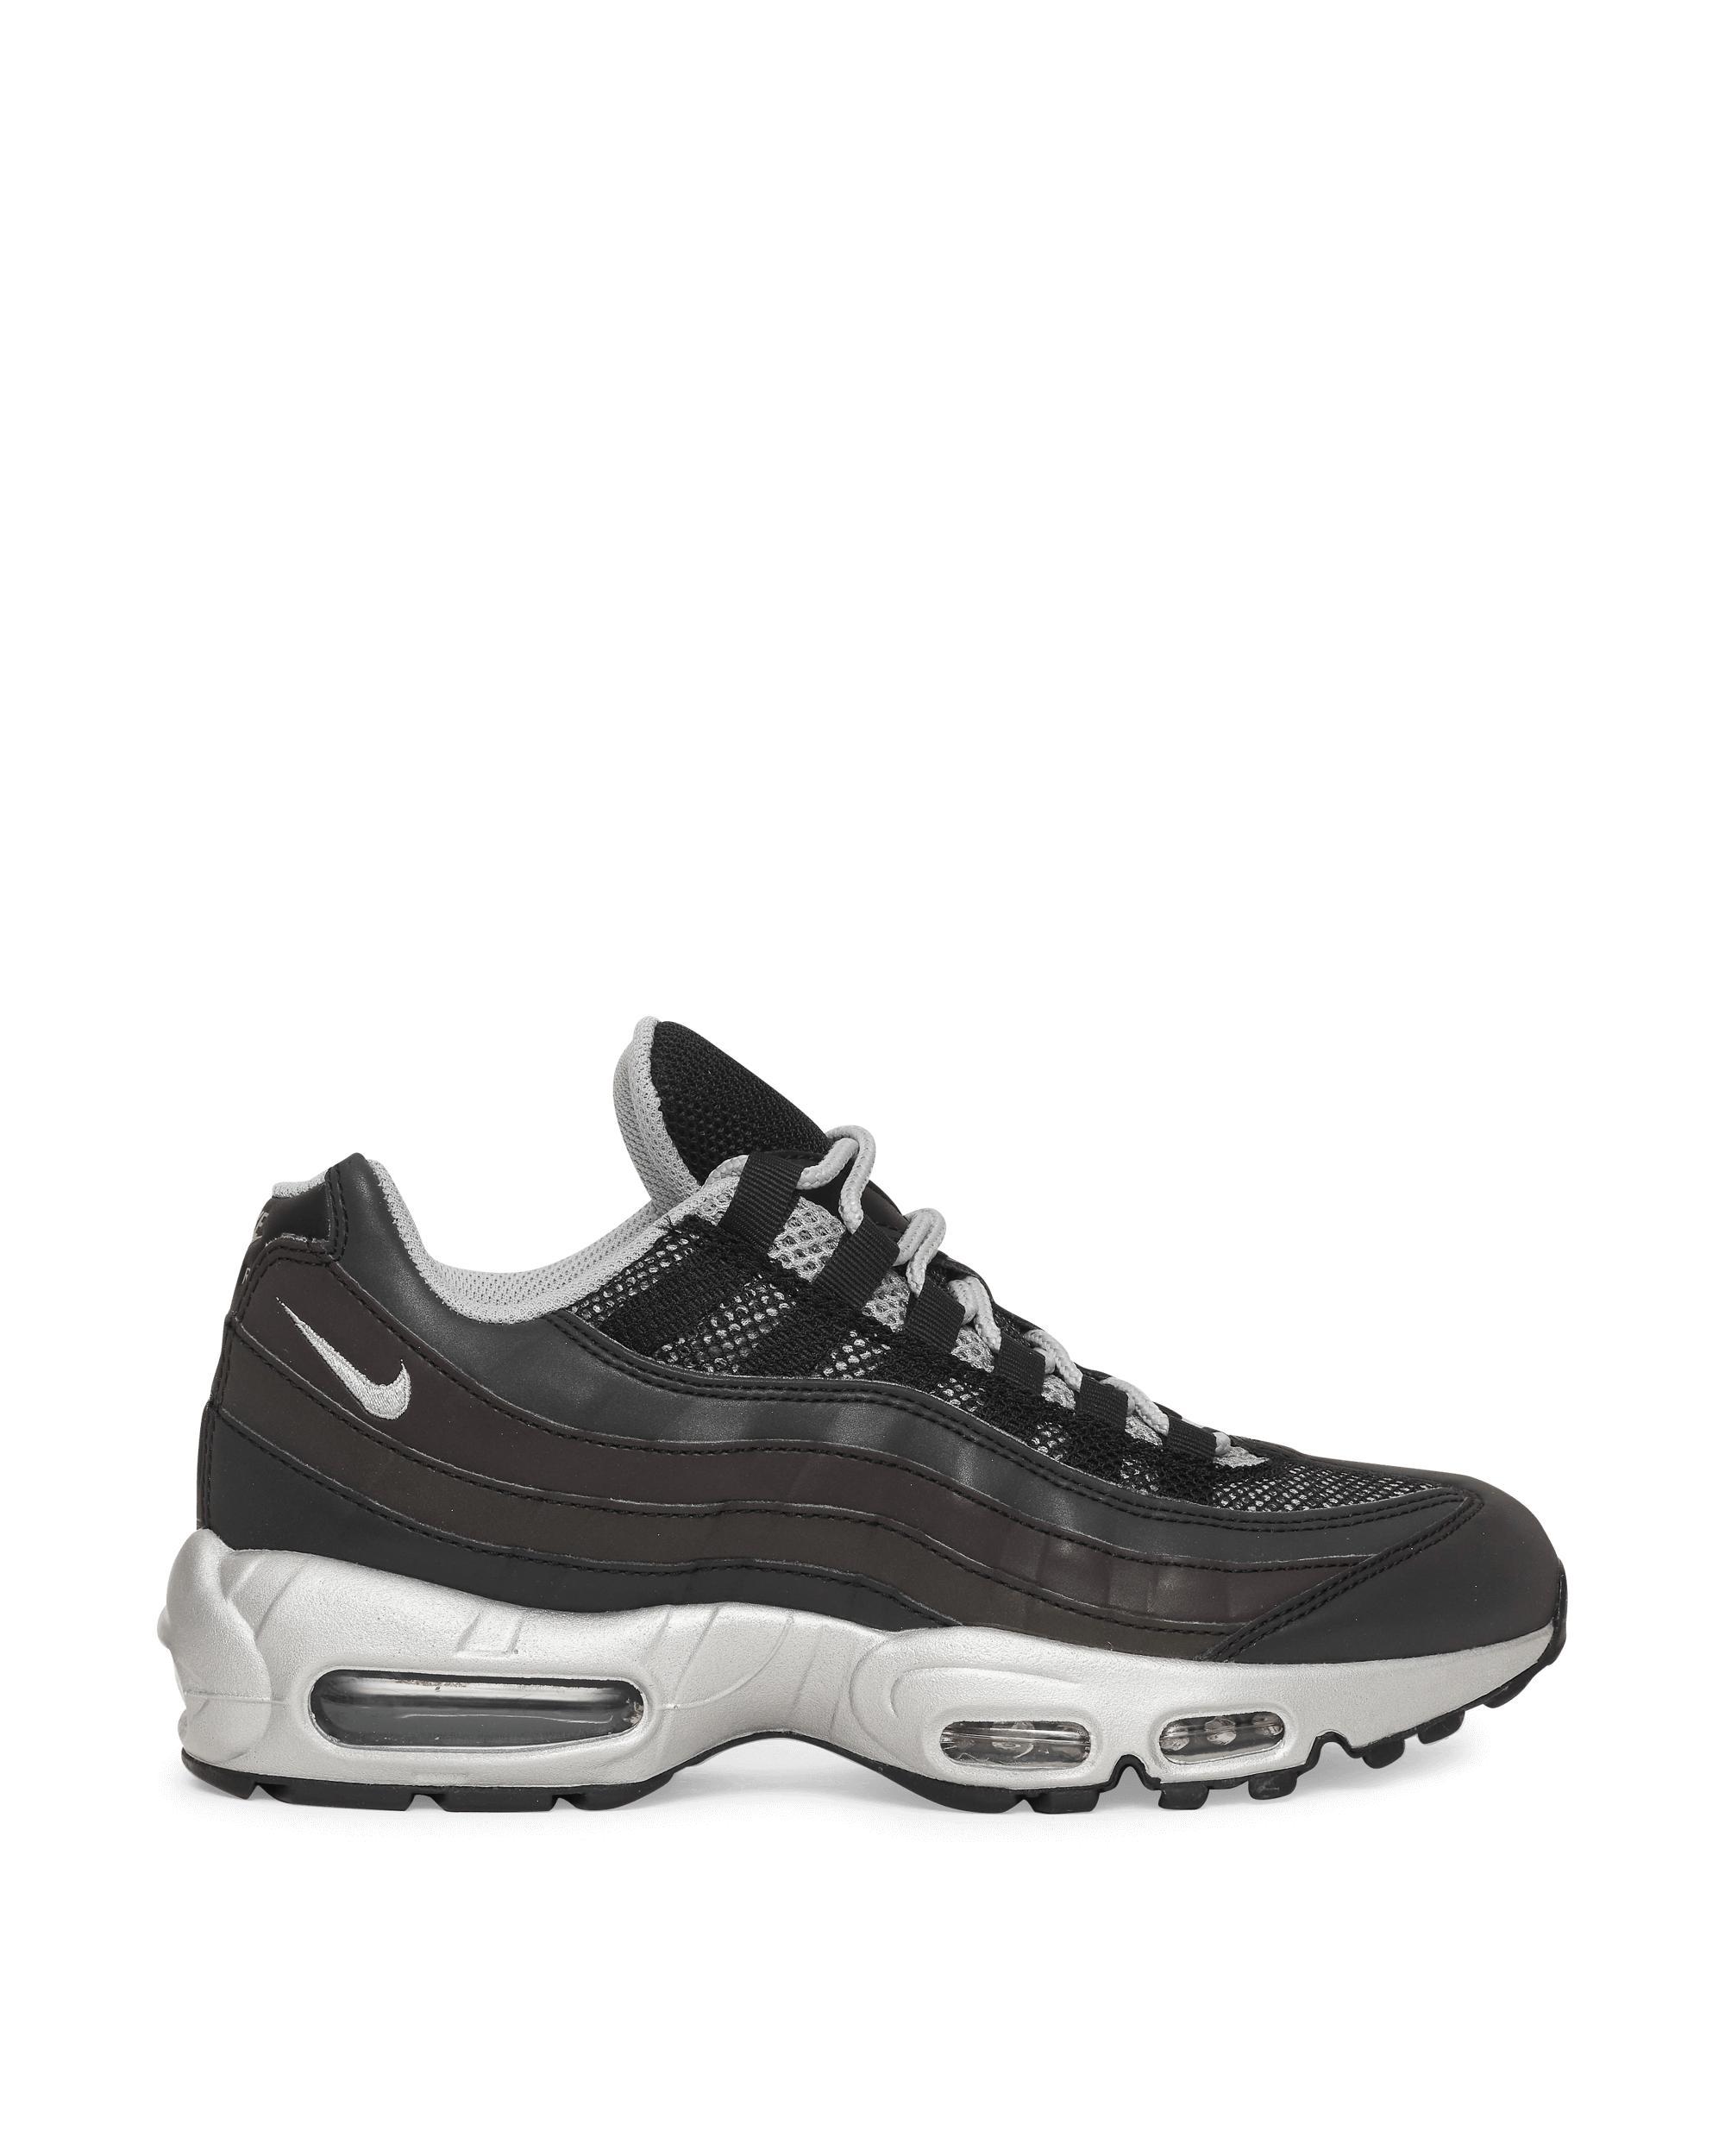 Nike Synthetic Air Max 95 Premium Sneakers in Black/Metallic ...